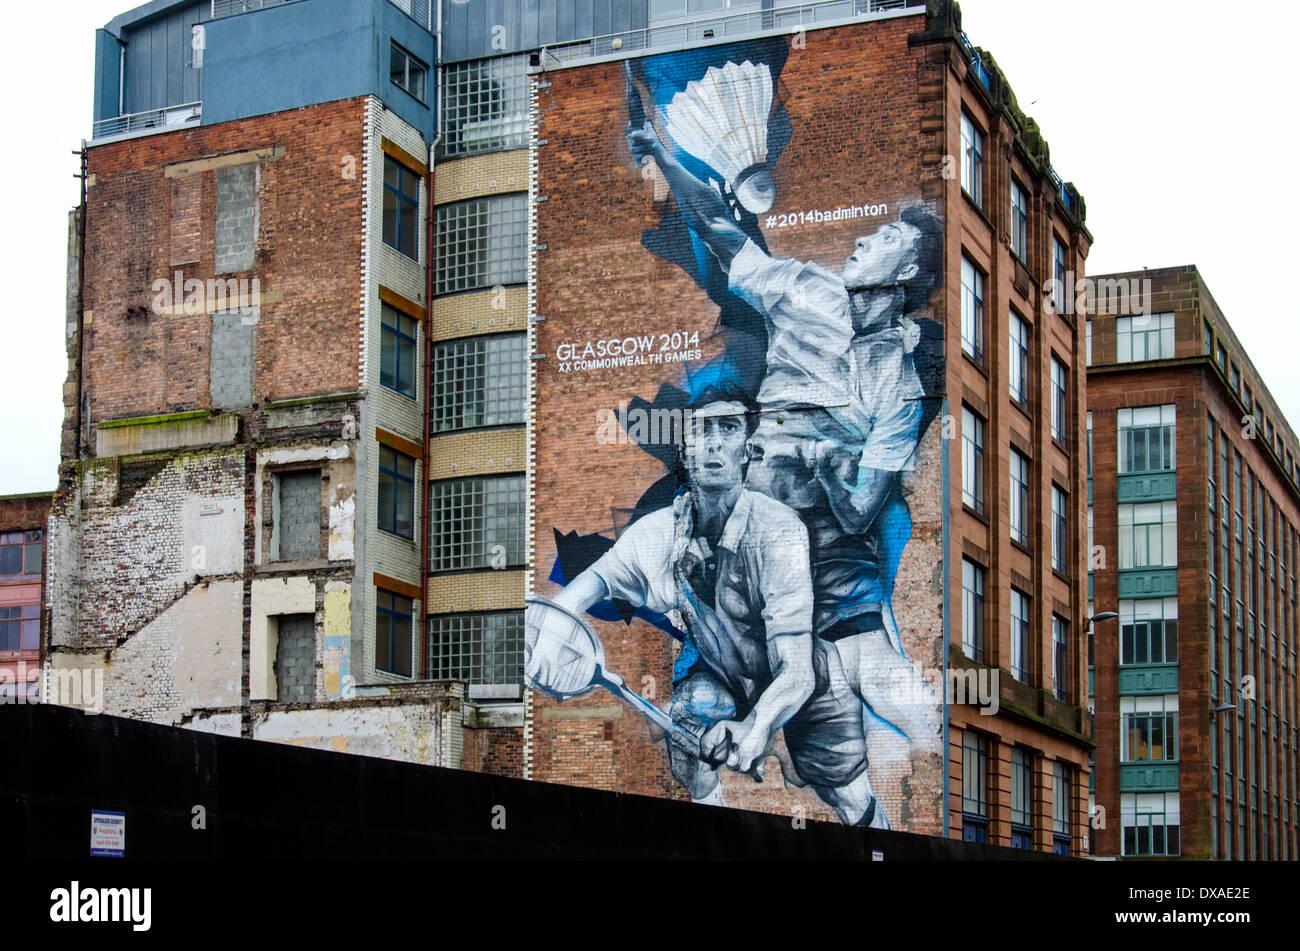 Une peinture murale représentant deux joueurs de badminton sur un bâtiment du centre-ville de Glasgow, Photo Stock